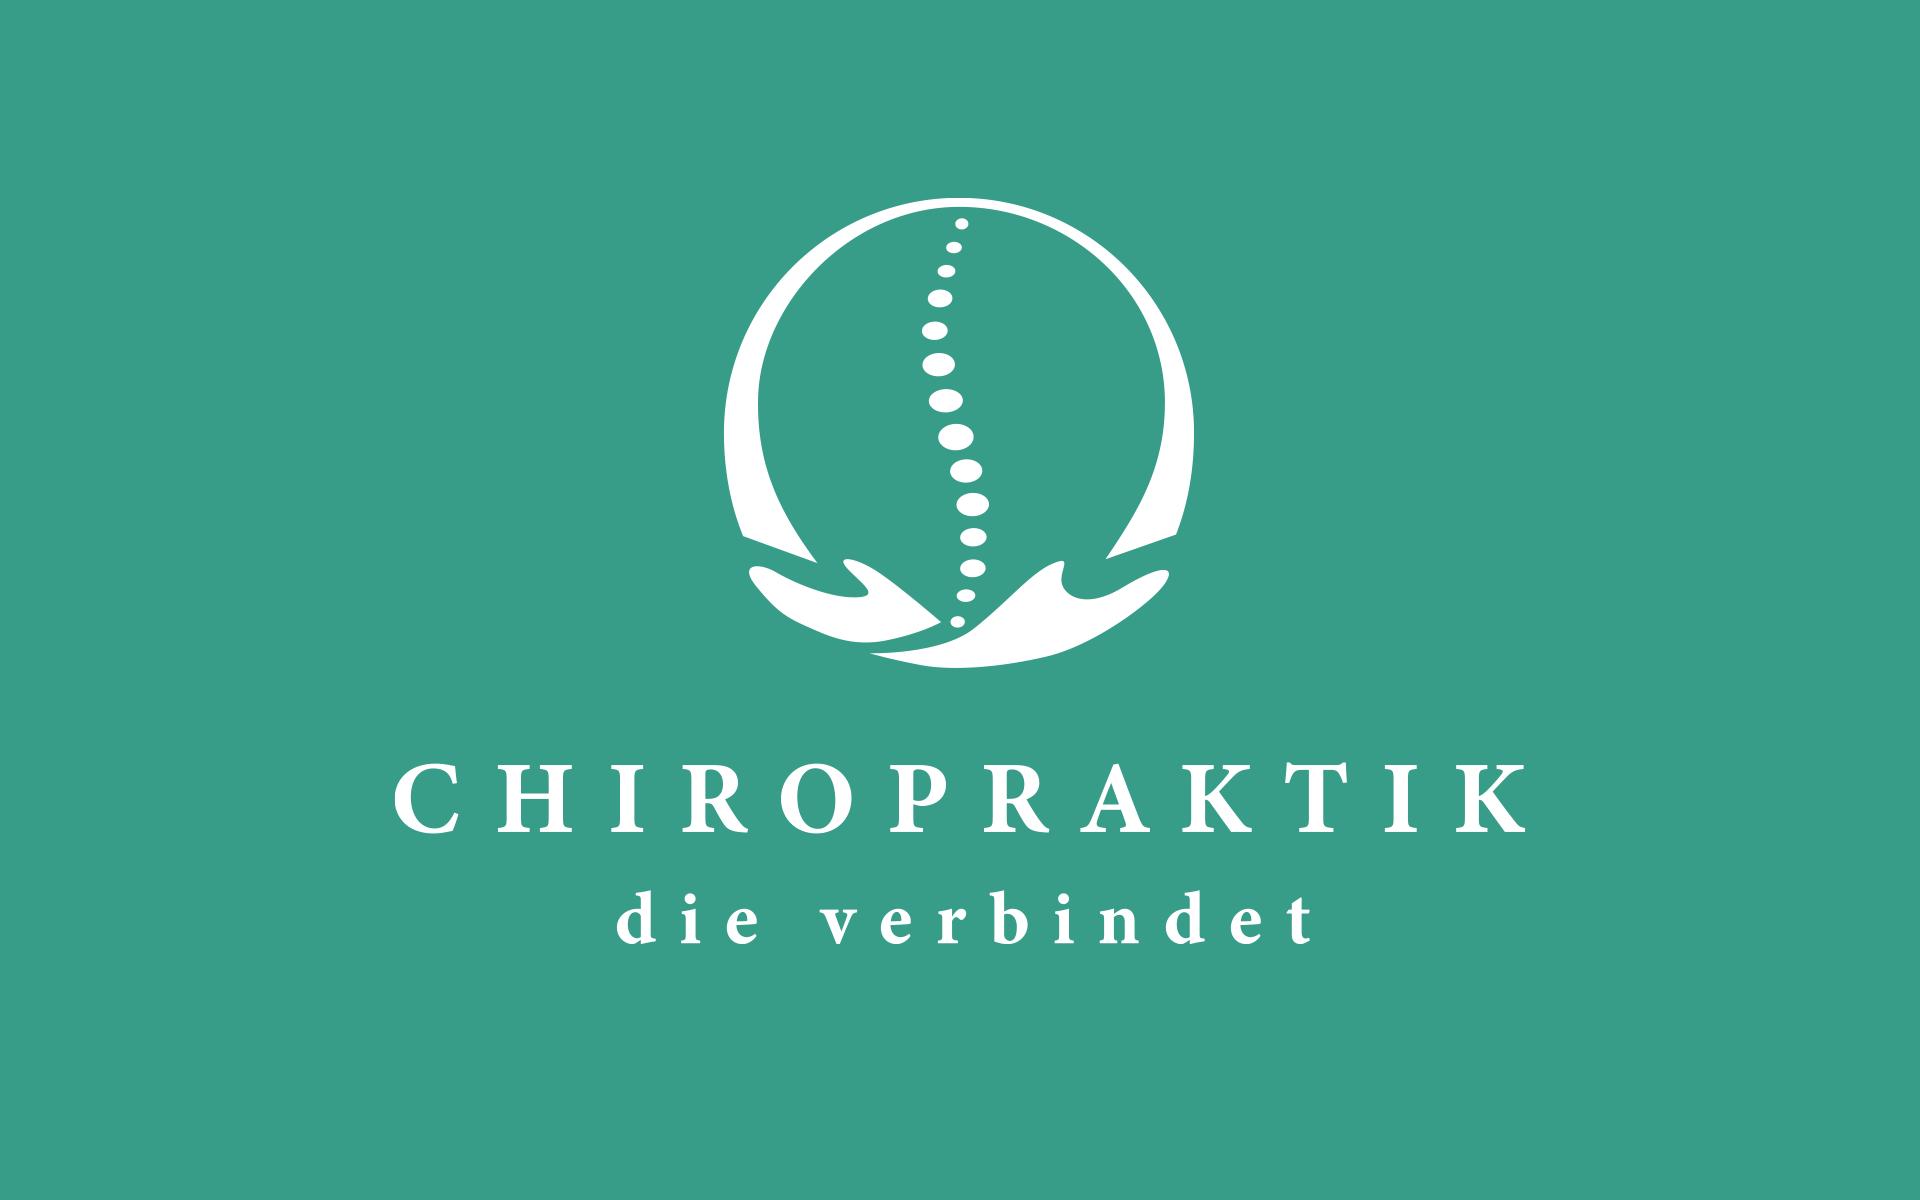 Bob Agency - Werbeagentur für Corporate Design - Chiropraktik Logo - Malin Riemann